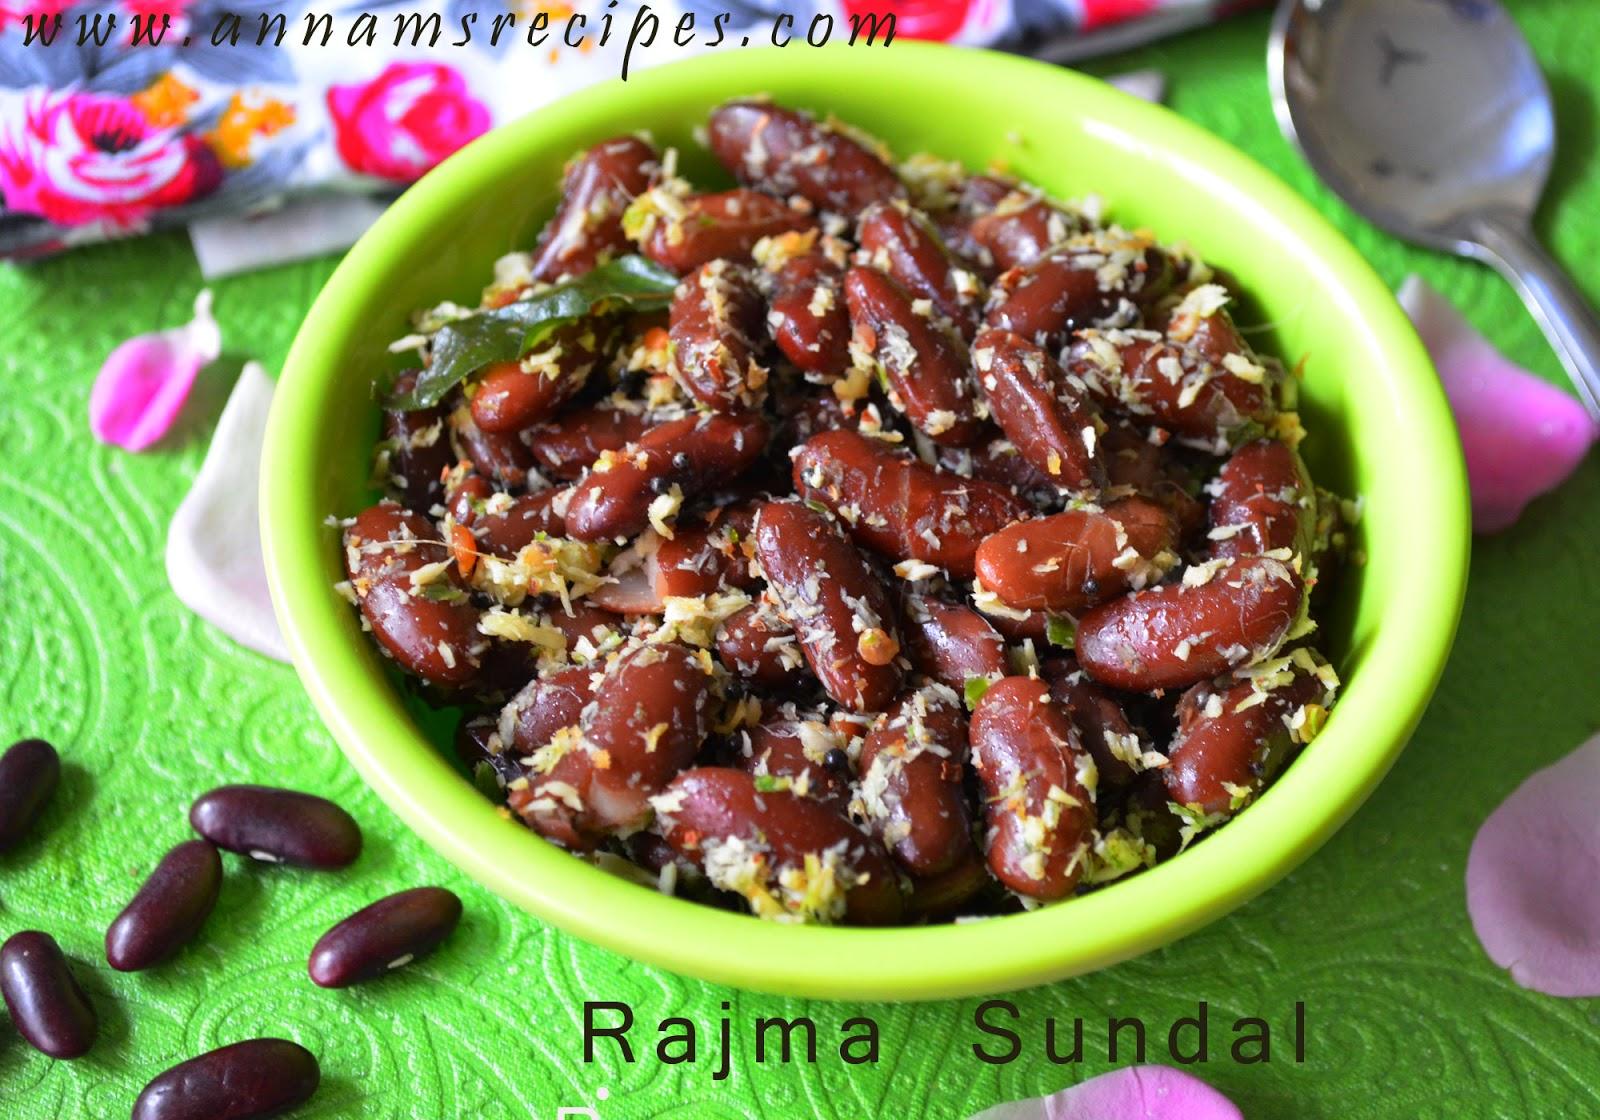 Rajma Sundal